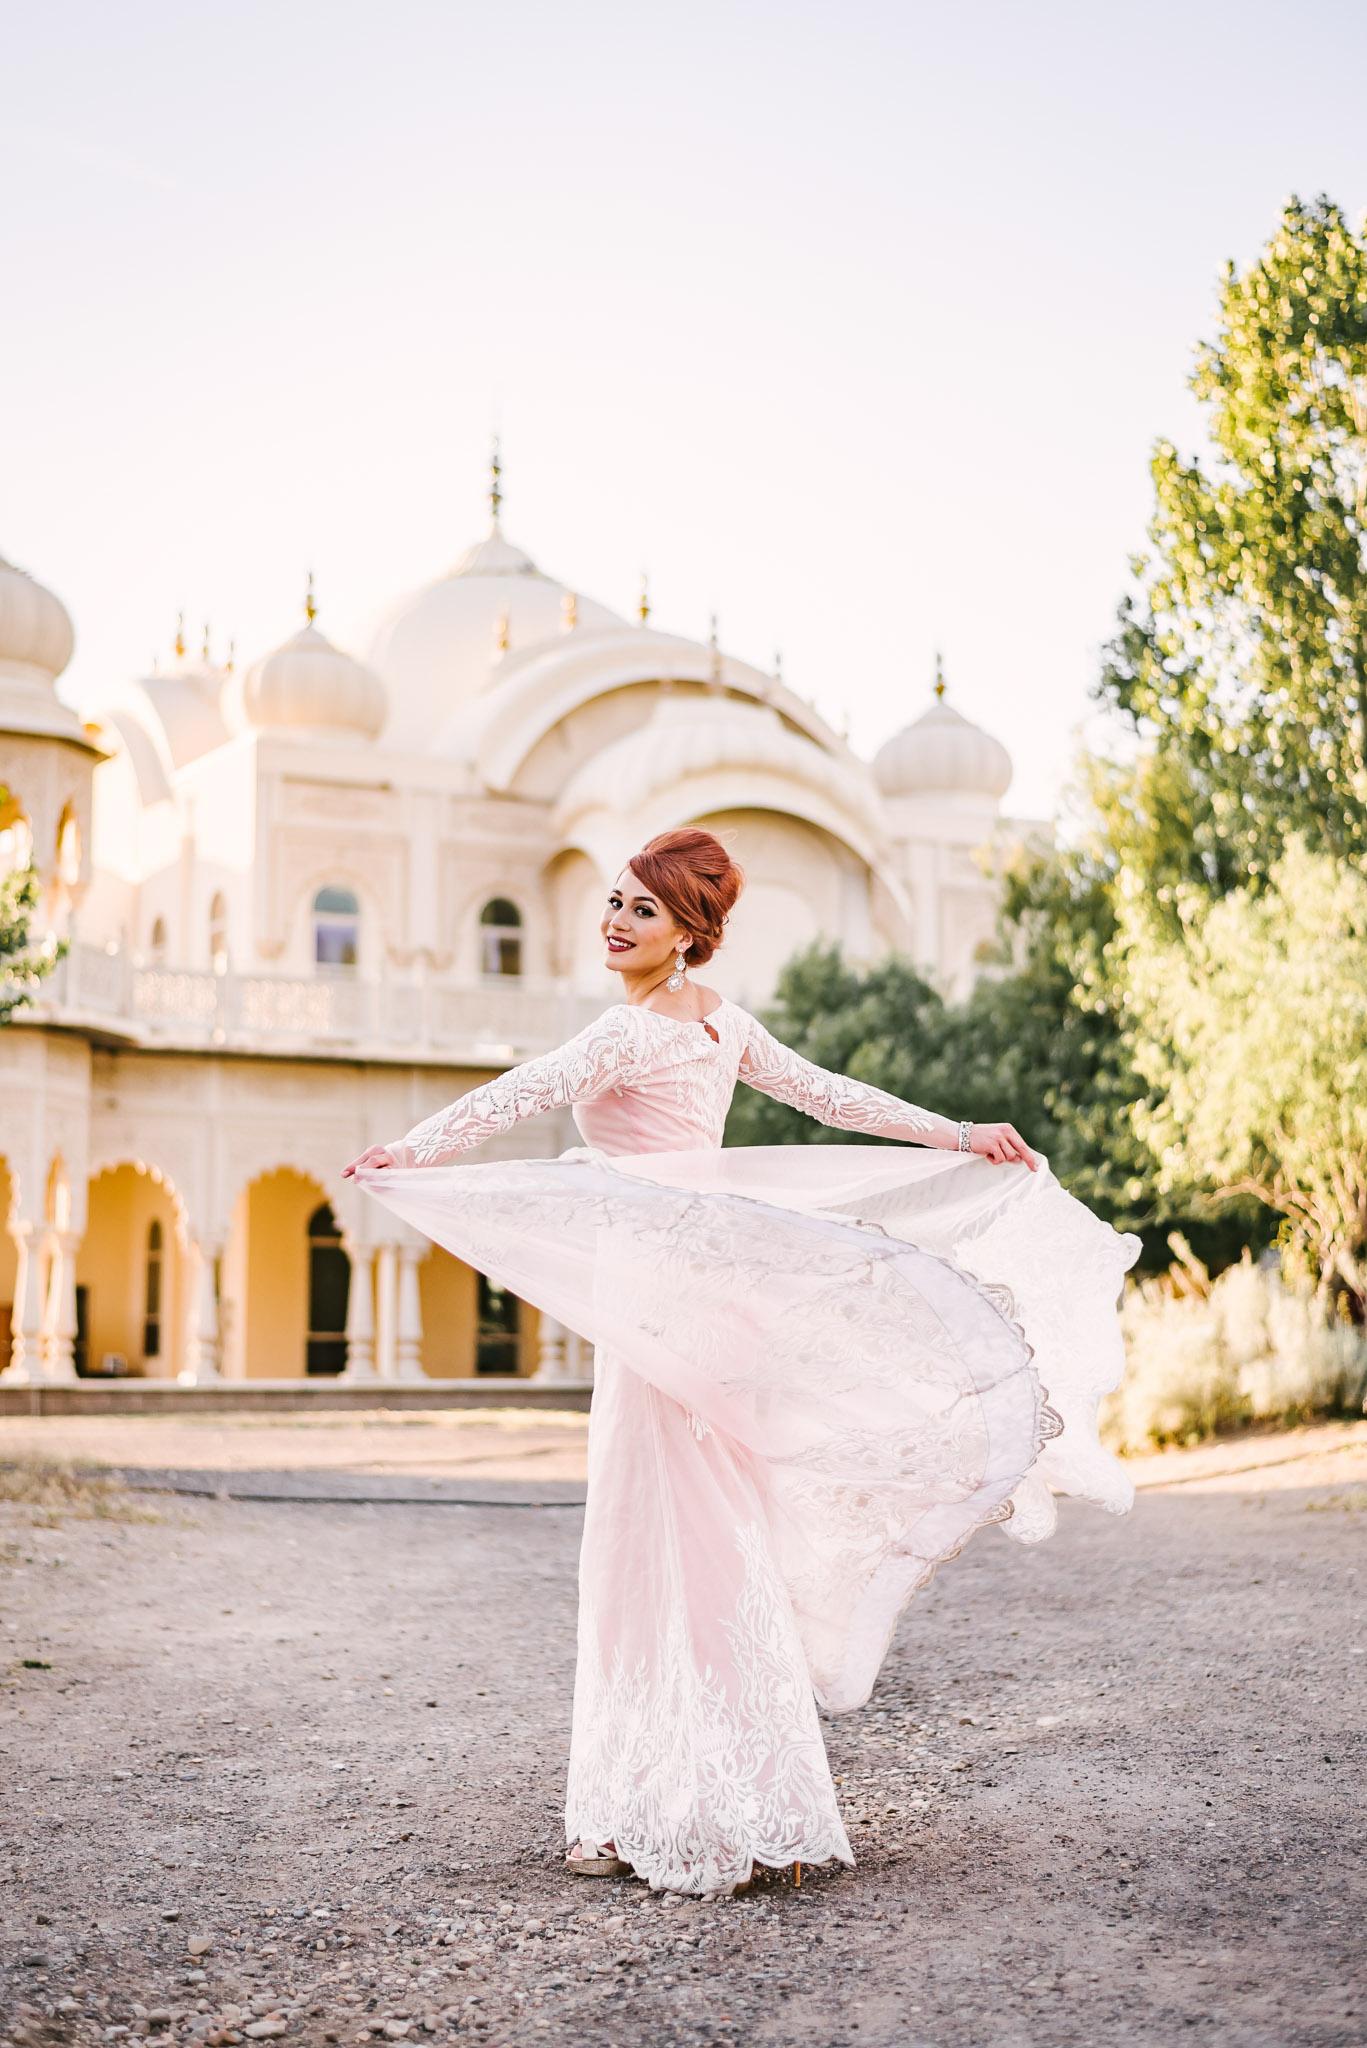 Krishna bridals-64.jpg